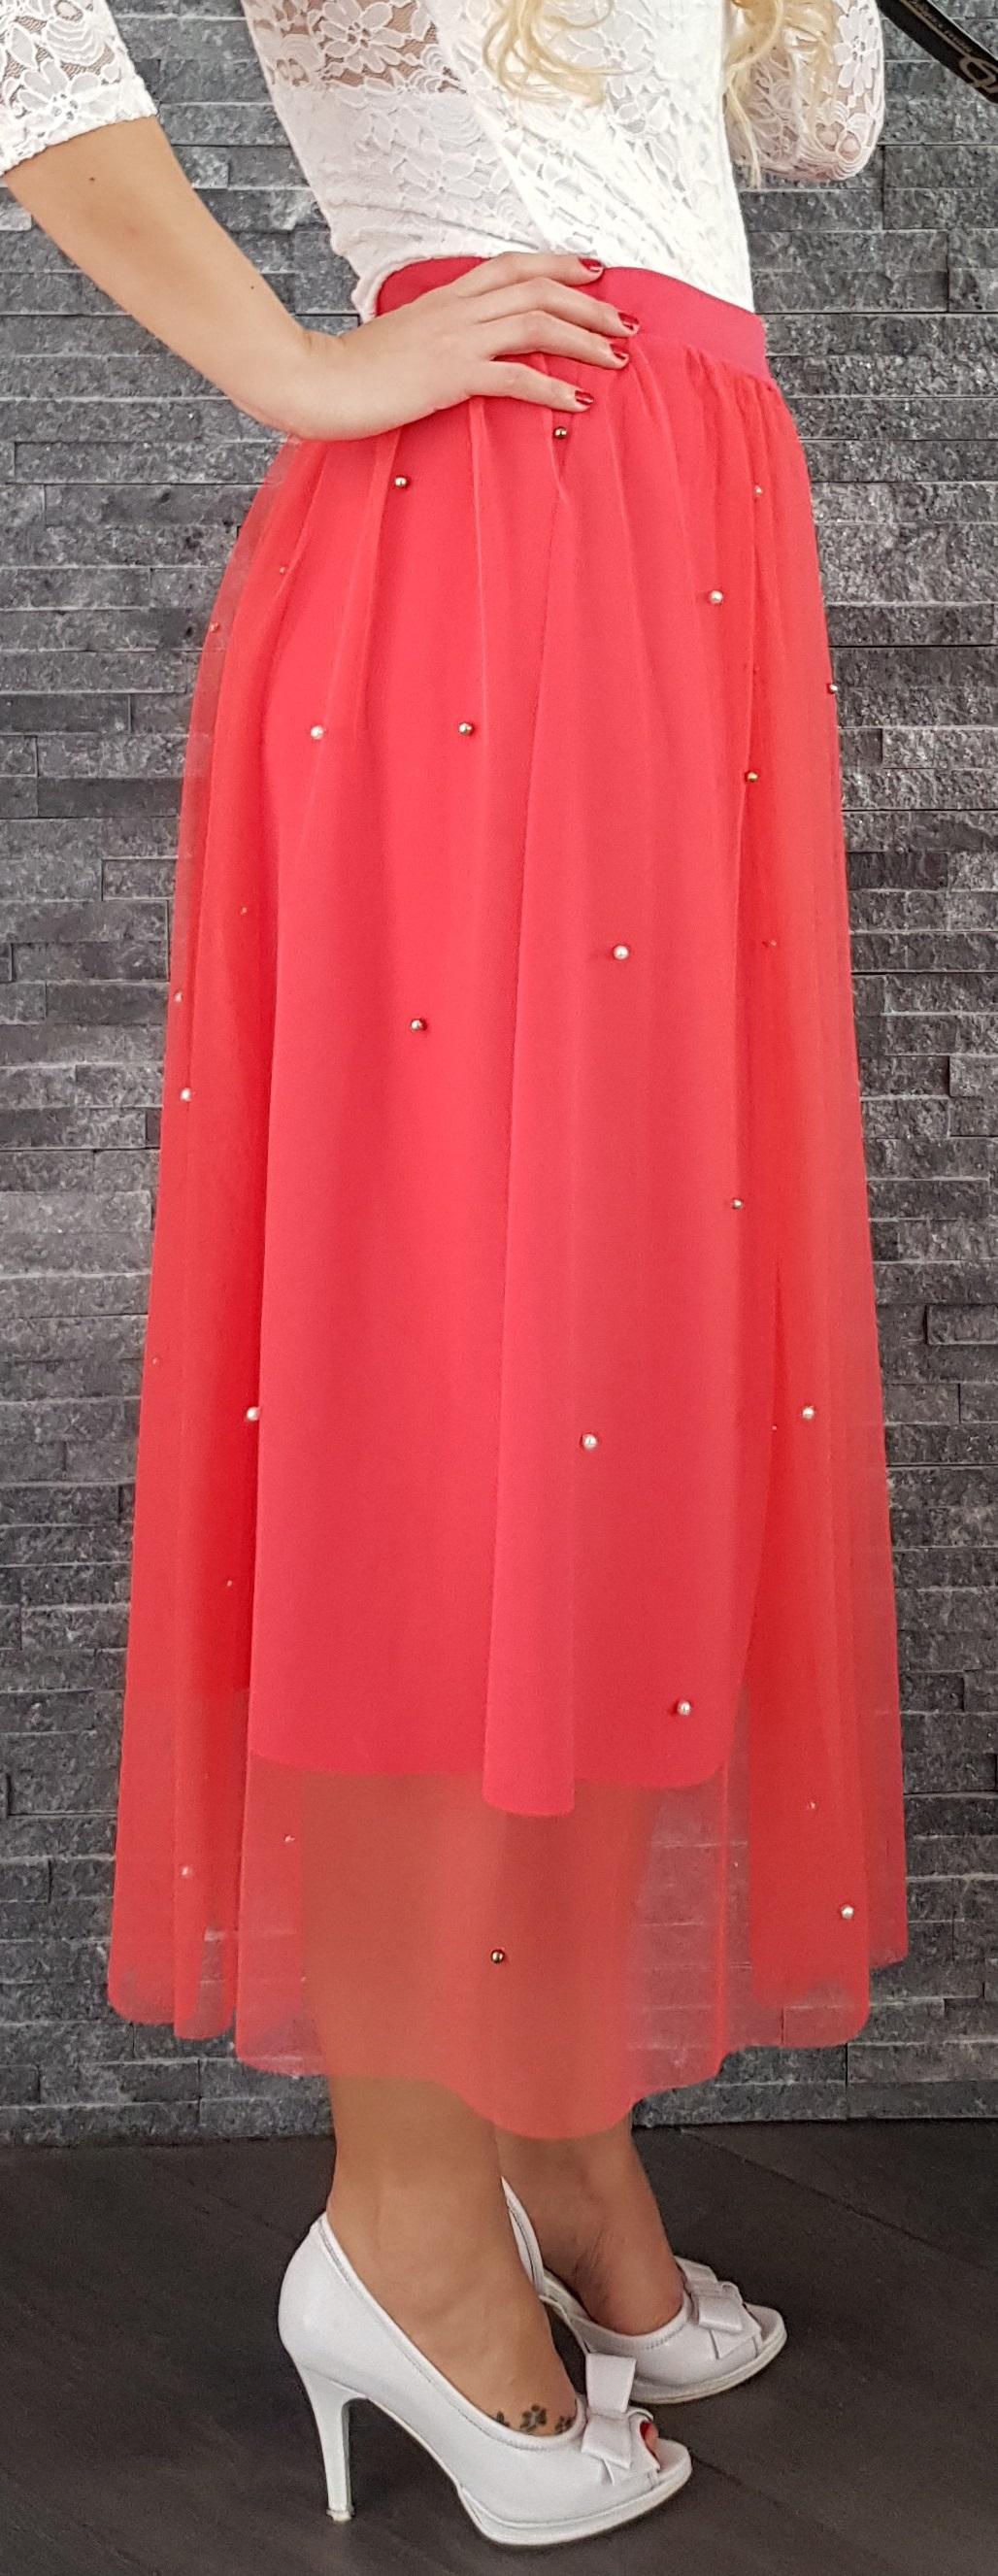 Červená tylová MIDI sukňa s perličkami 0c6b4c9805